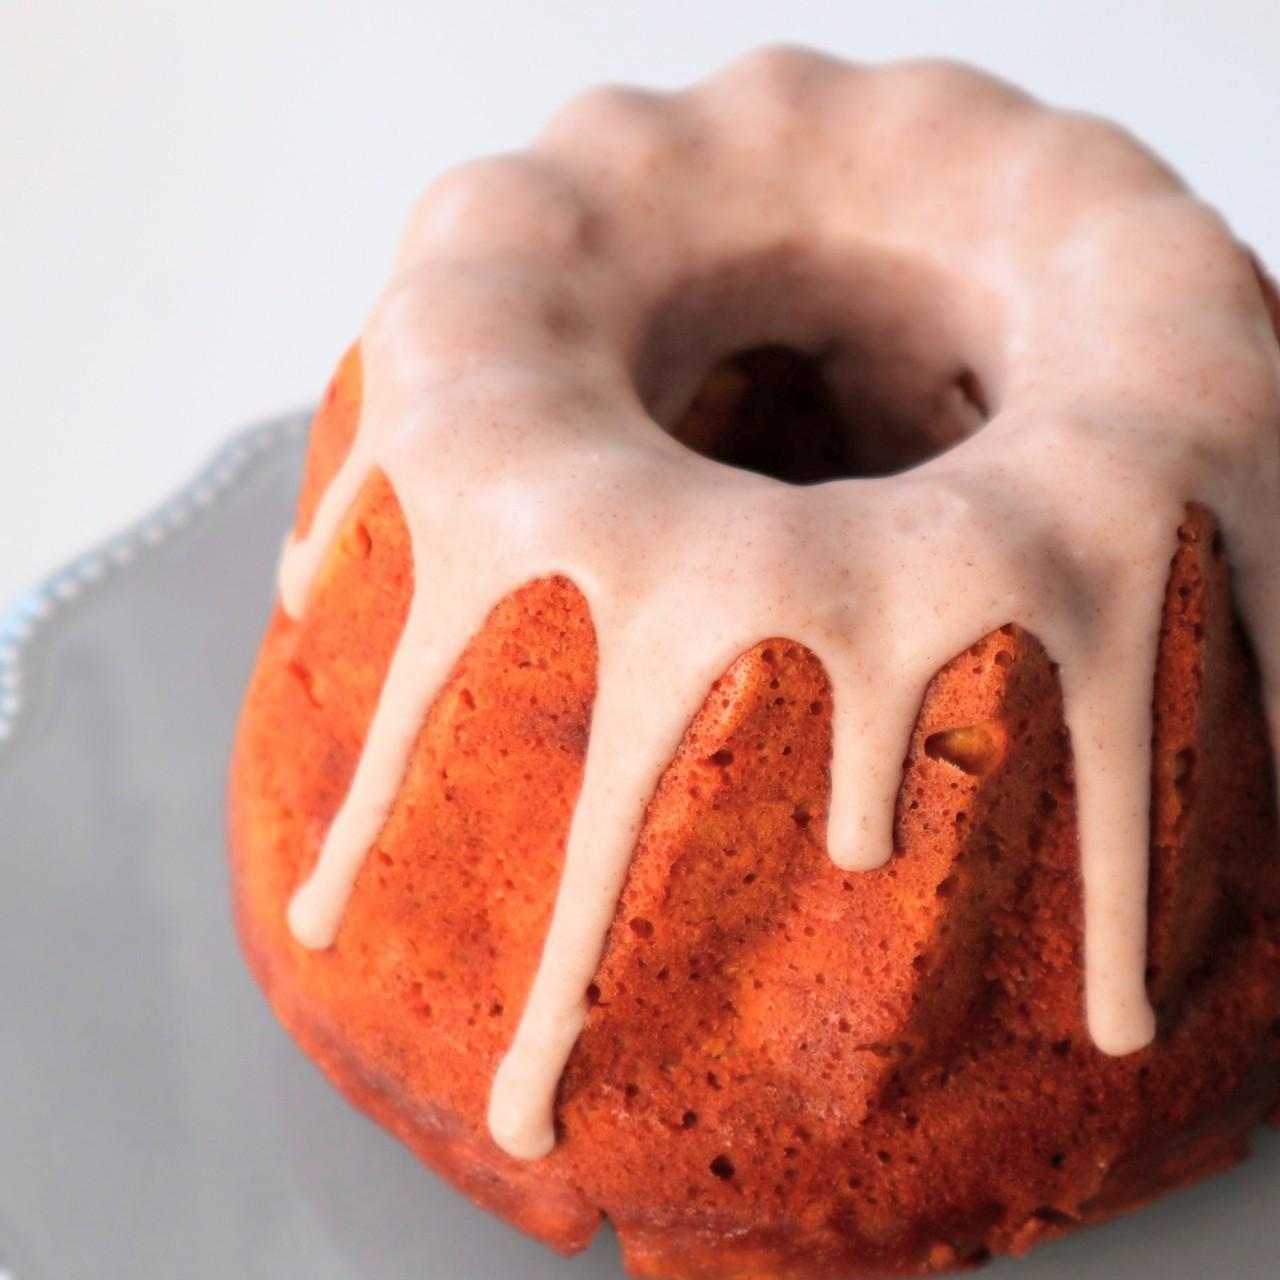 どうしても紹介させてください!!甘じょっぱ~い新作ケーキのご紹介…✨